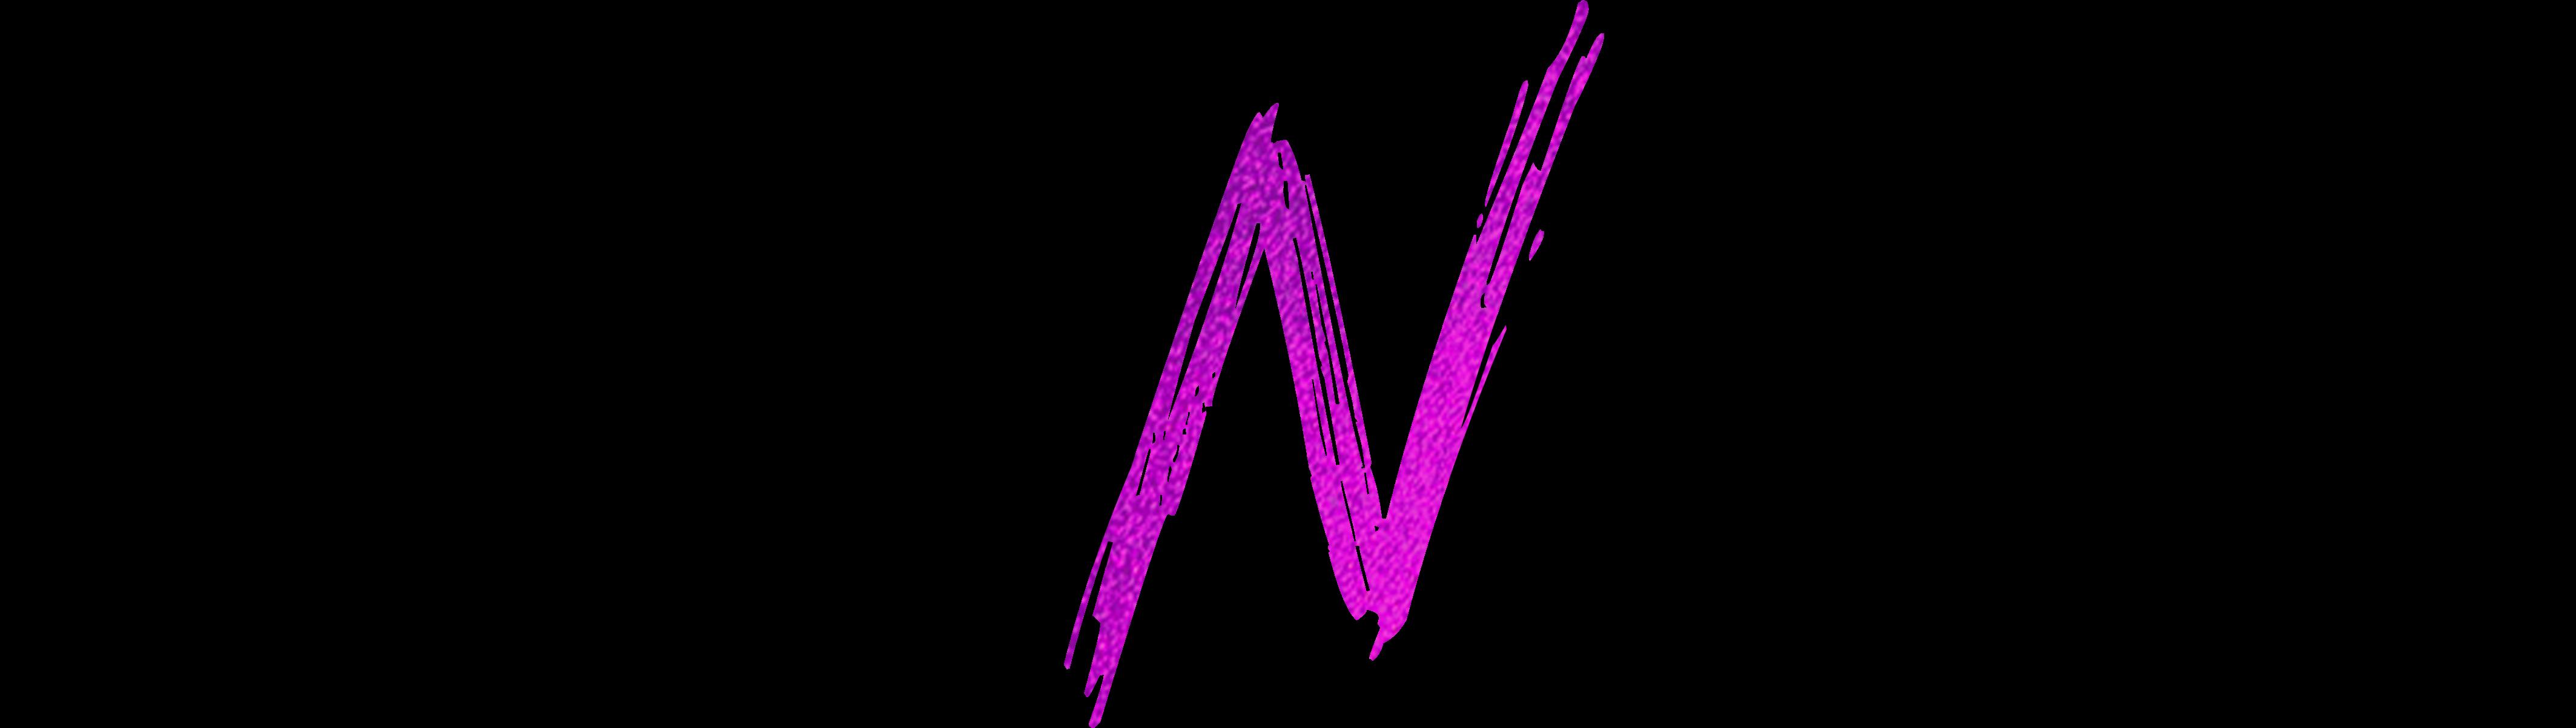 fresh-n-dope-2018-blk.png